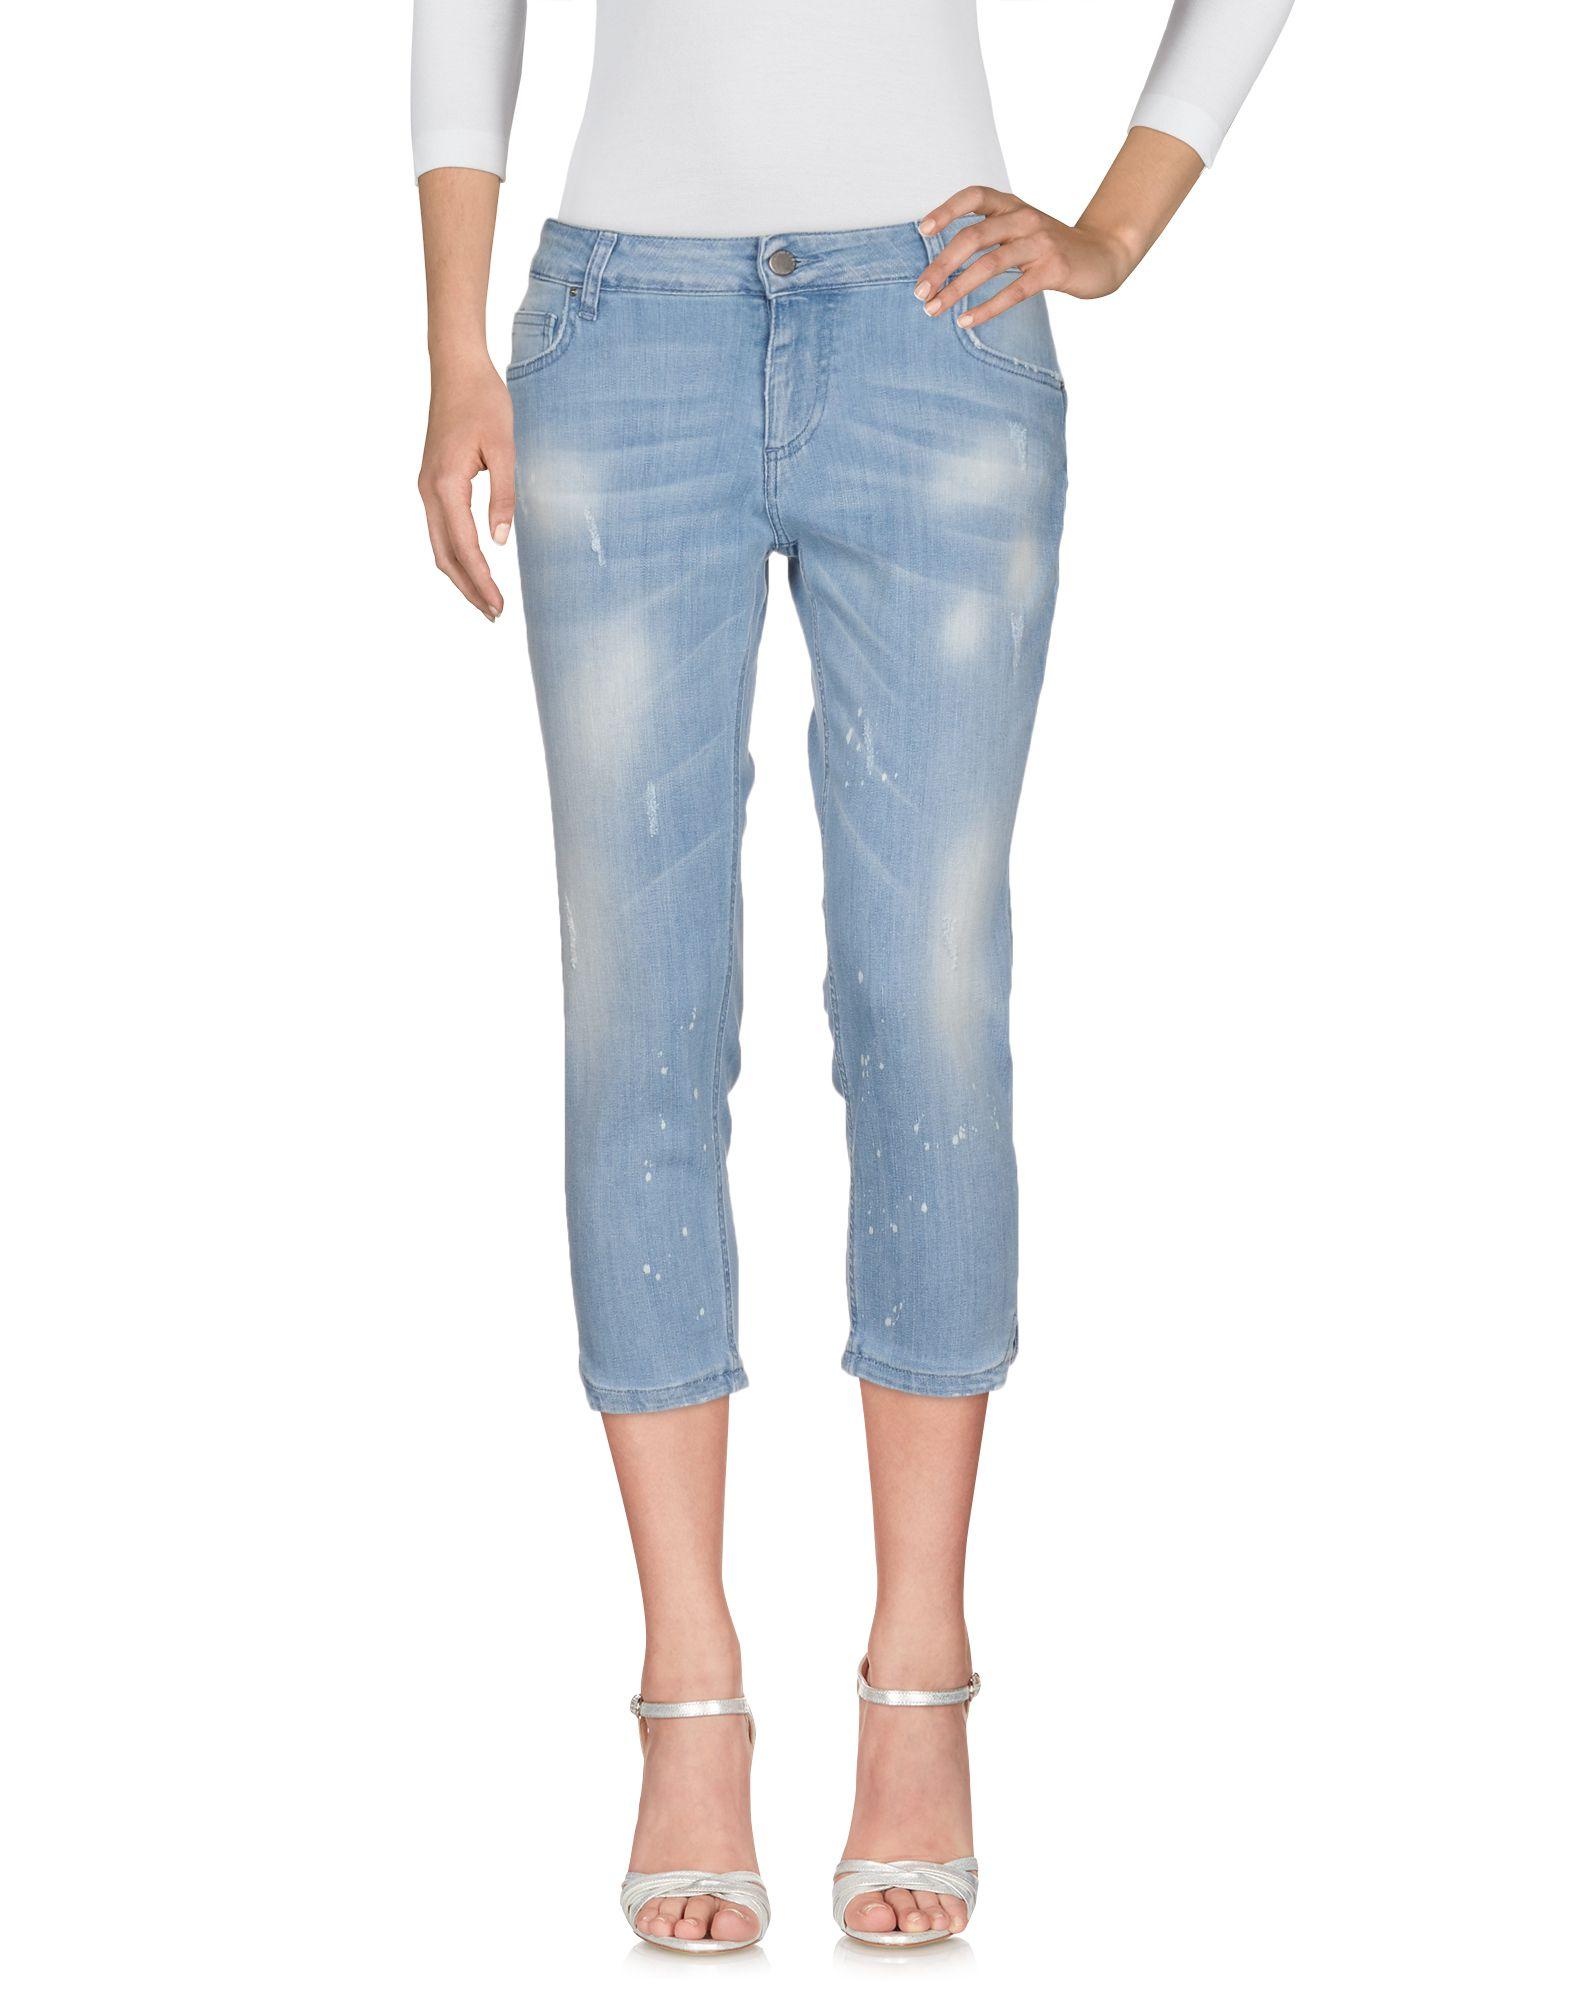 YOSHII Джинсовые брюки женские брюки лэйт светлый размер 50